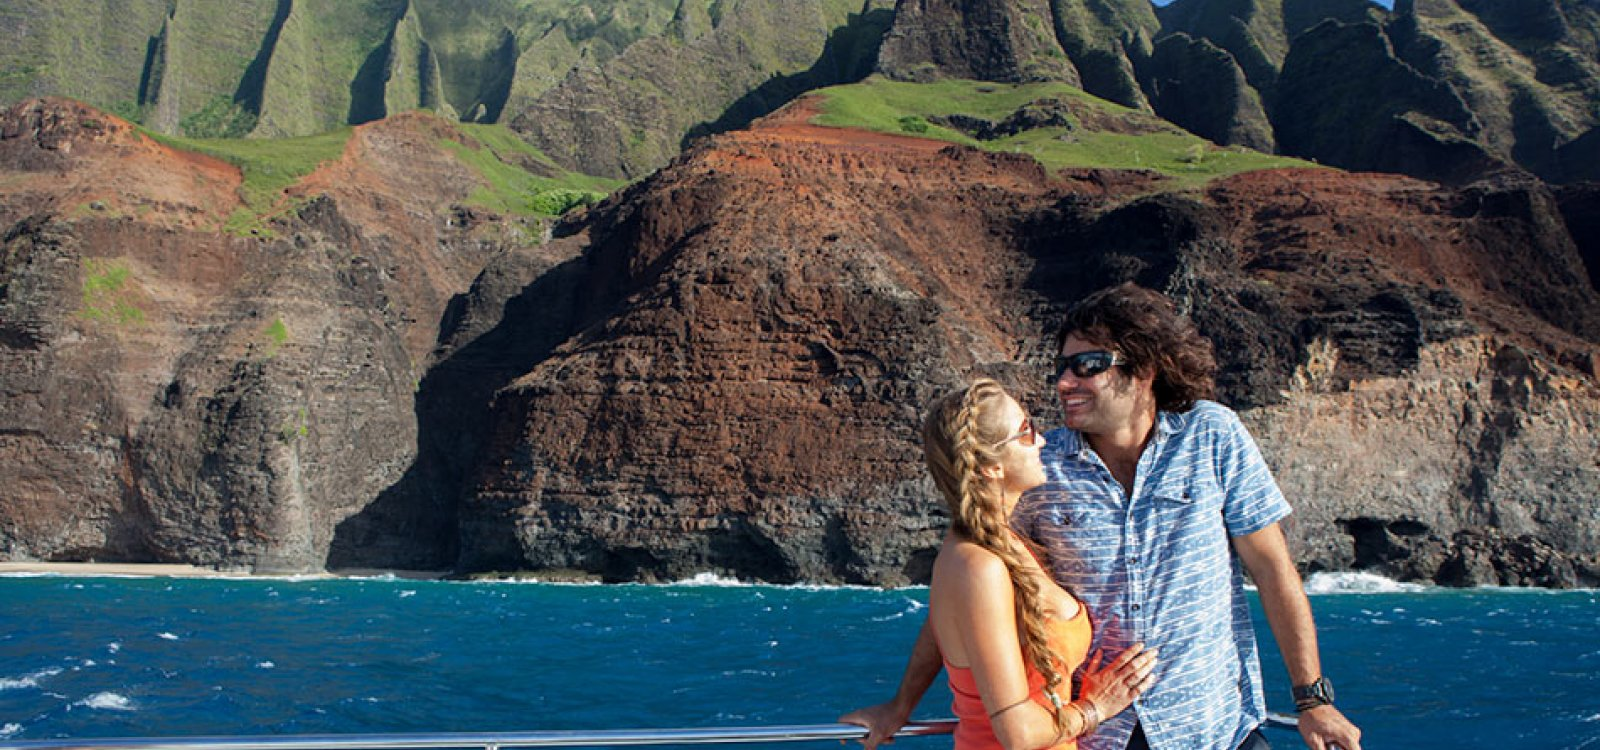 niihau & napali coast boat tour | kauai hawaii